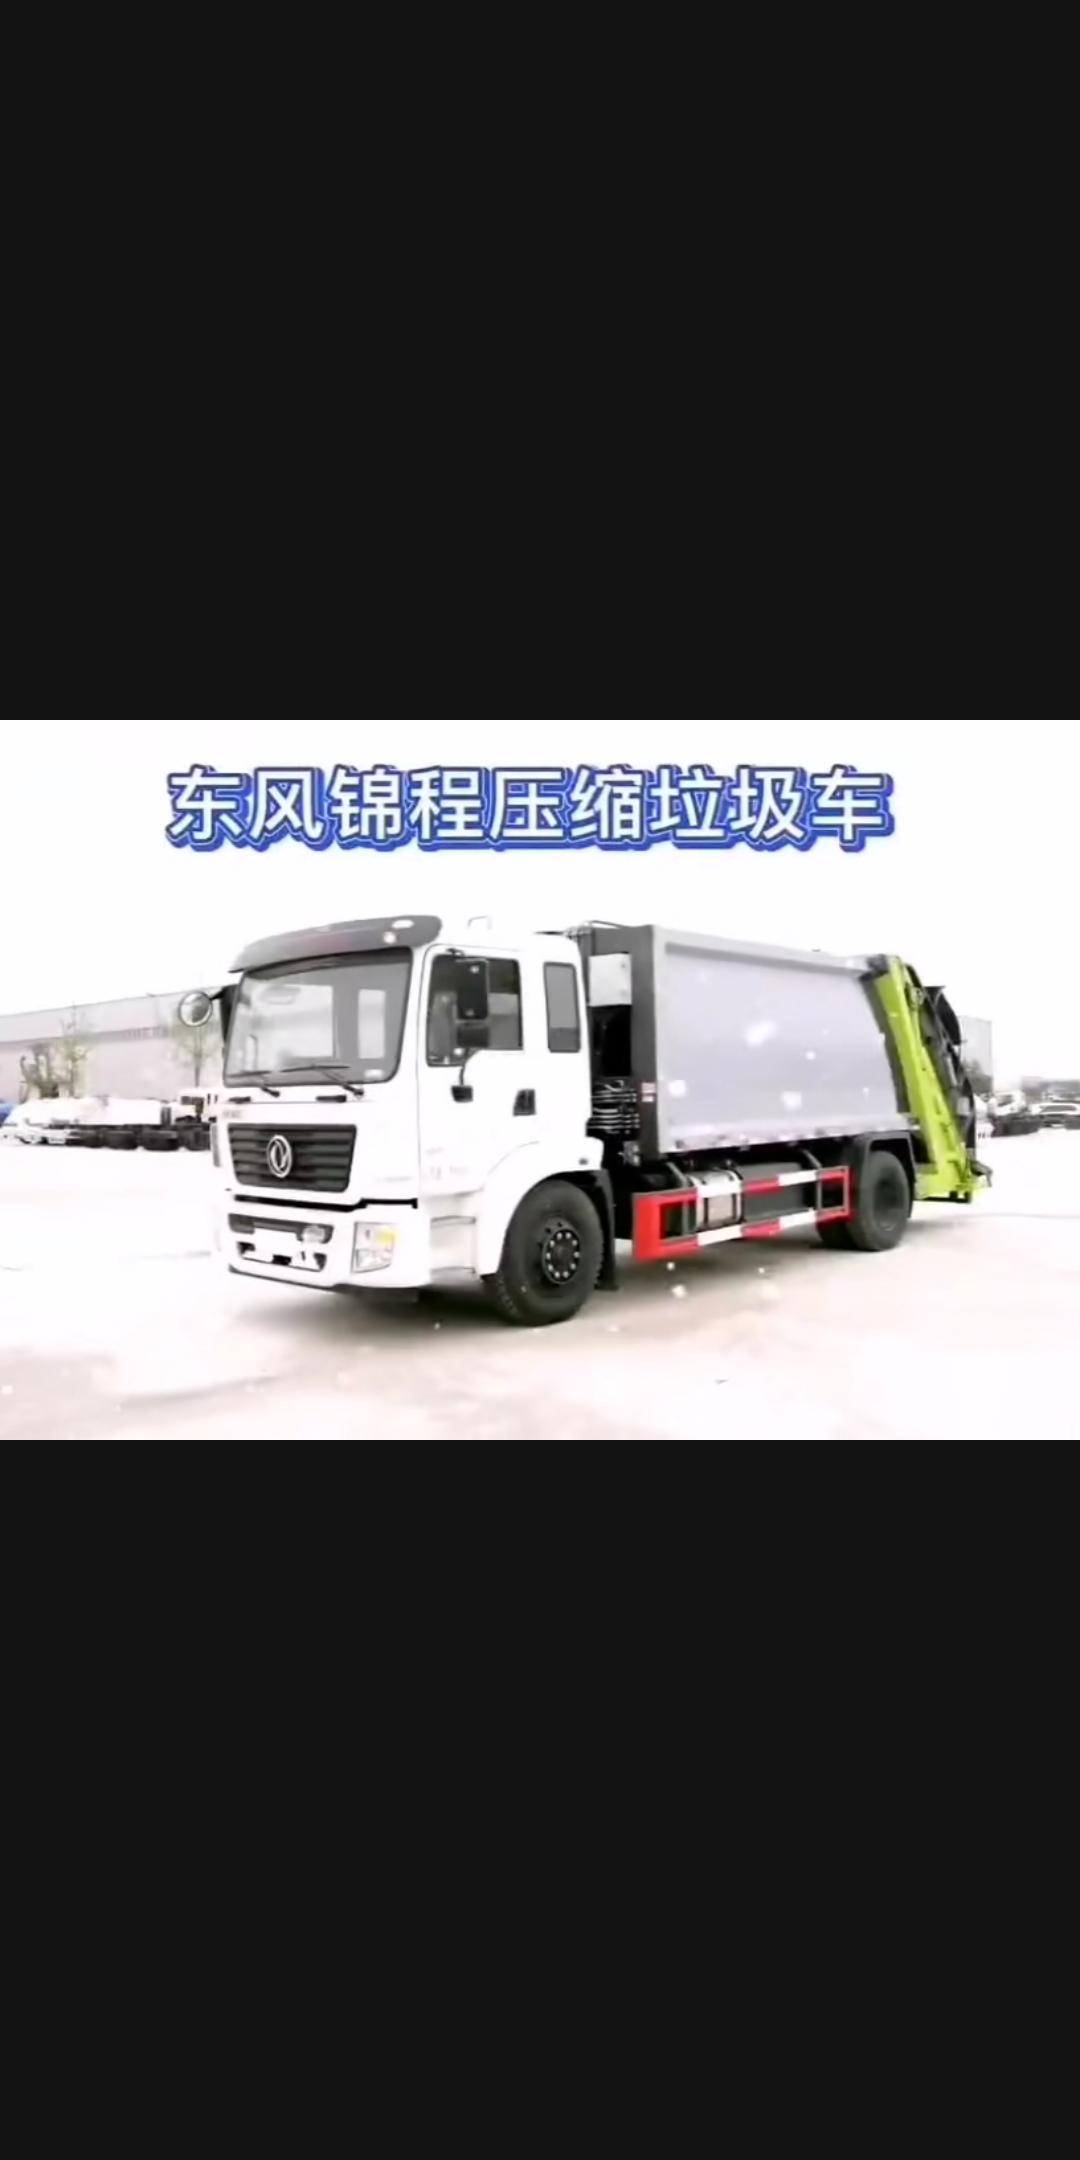 東風錦程壓縮垃圾車視頻